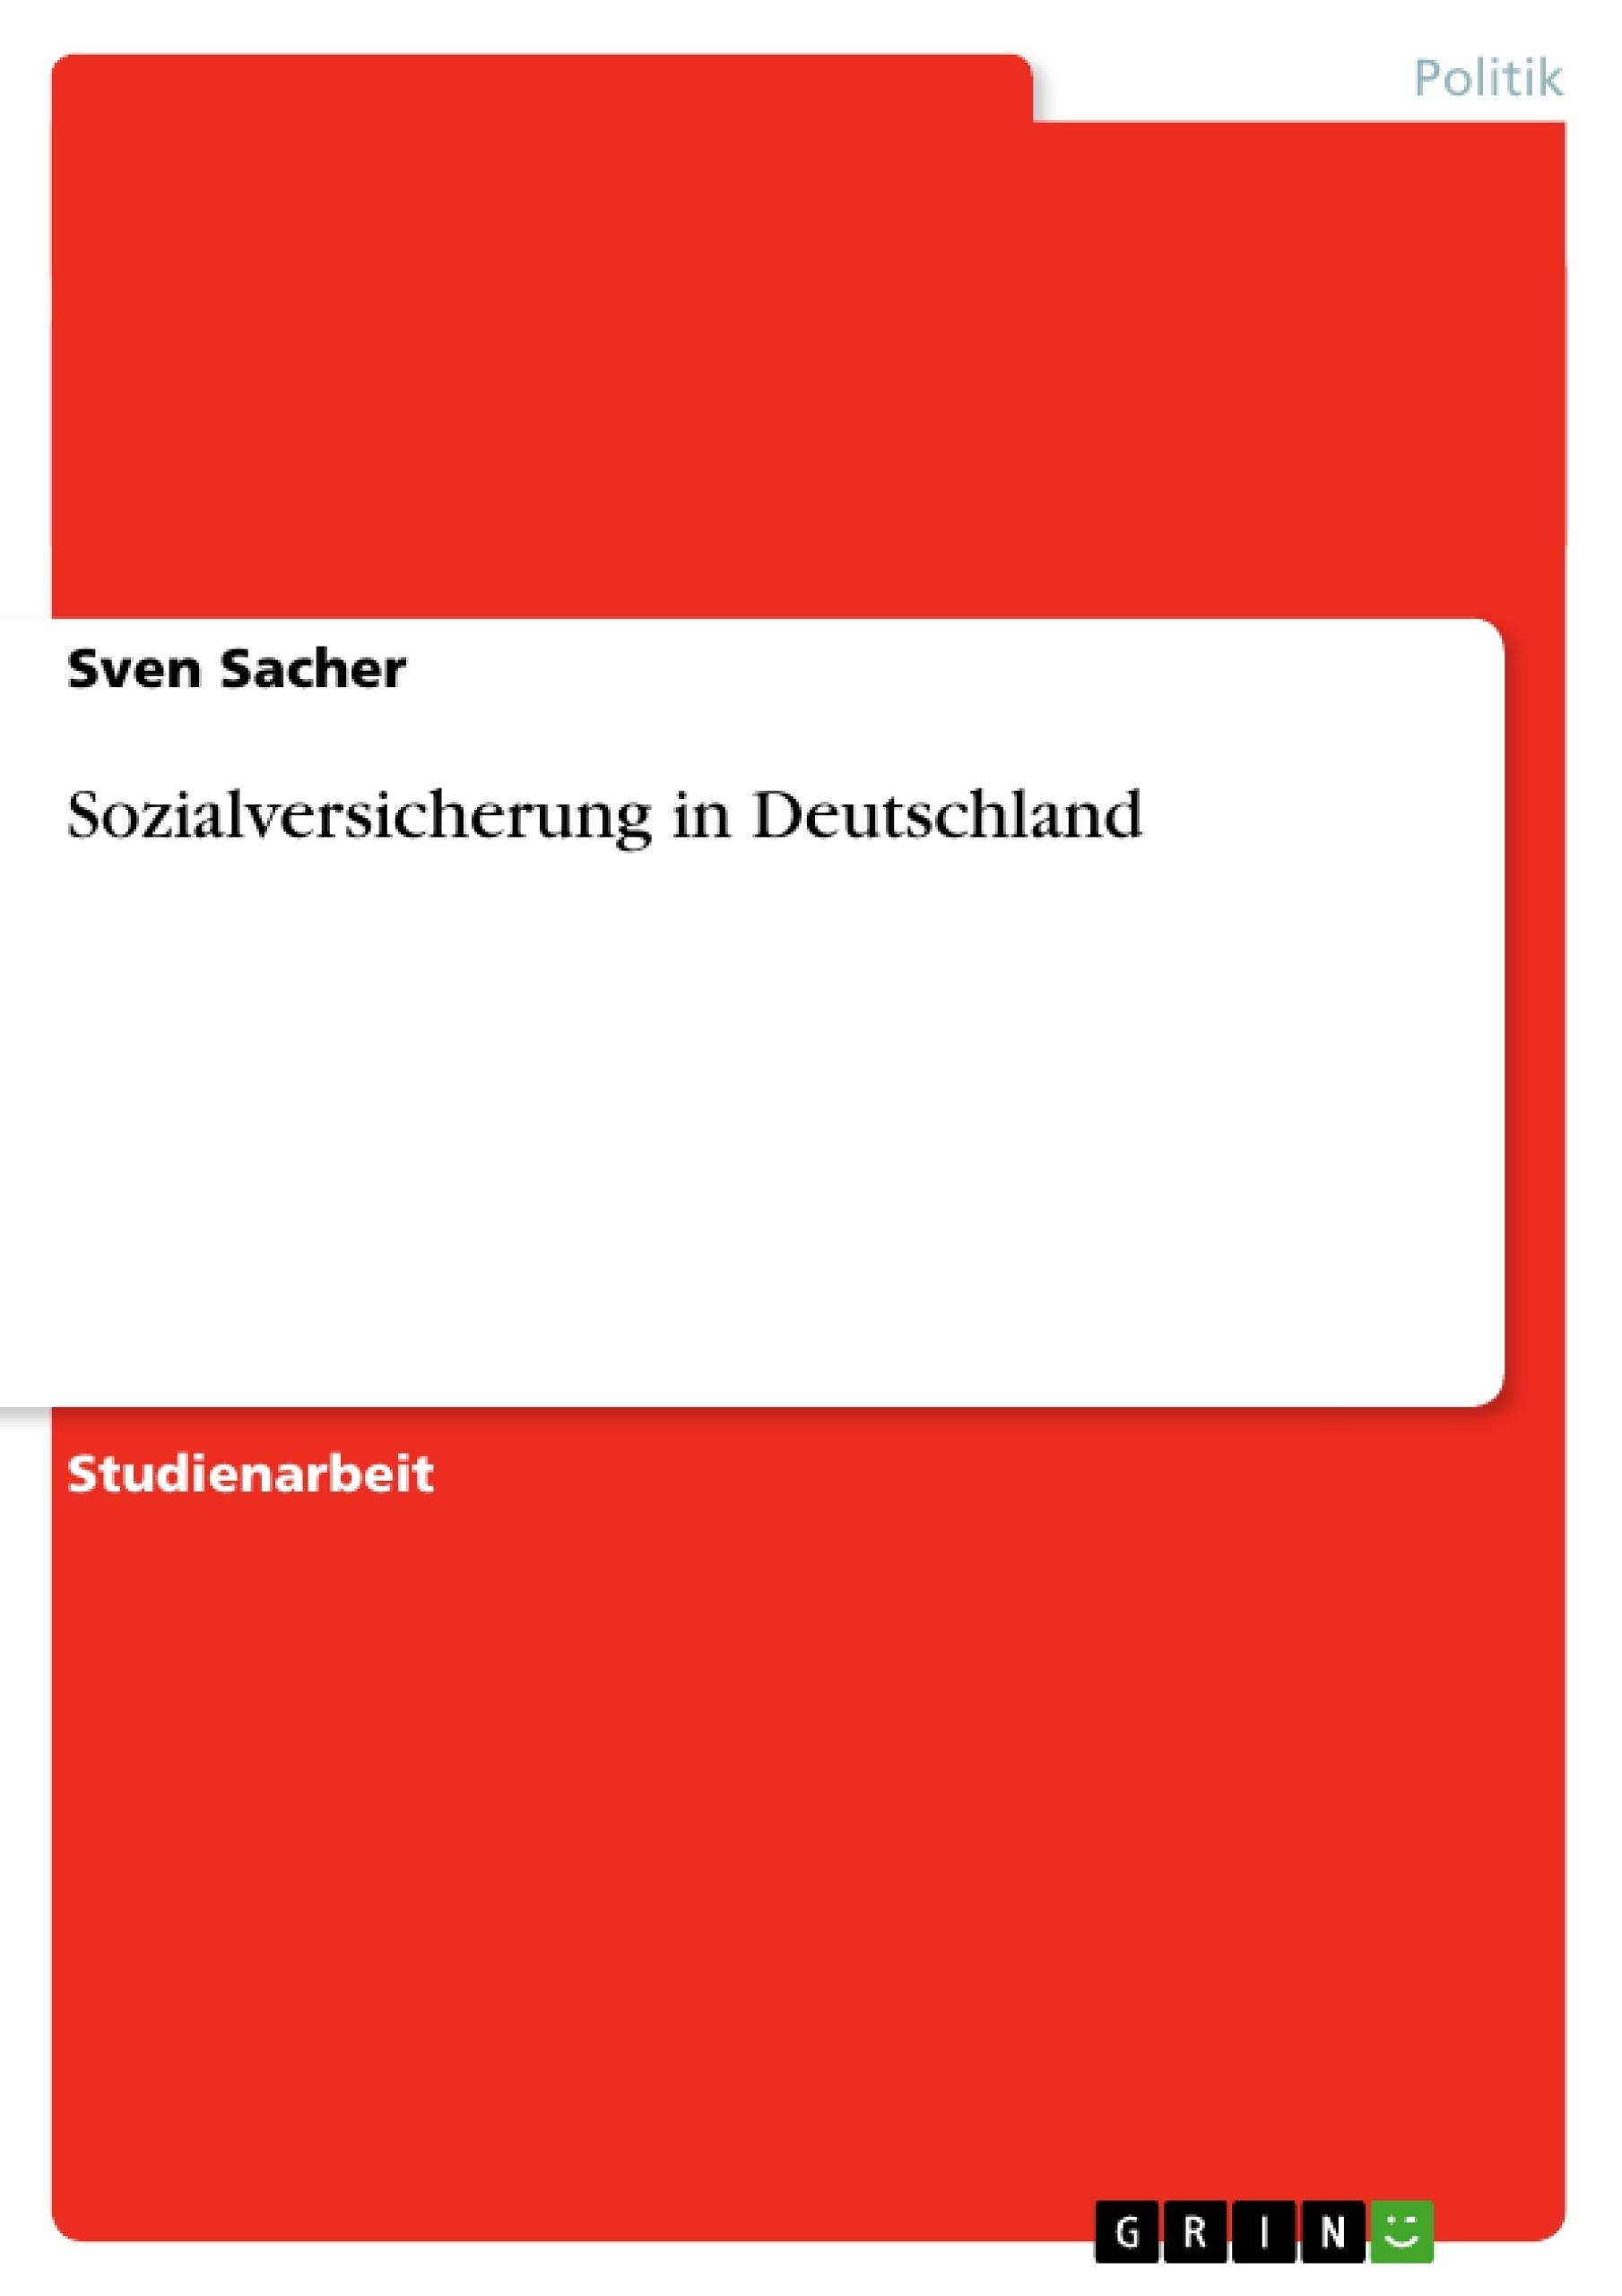 Titel: Sozialversicherung in Deutschland